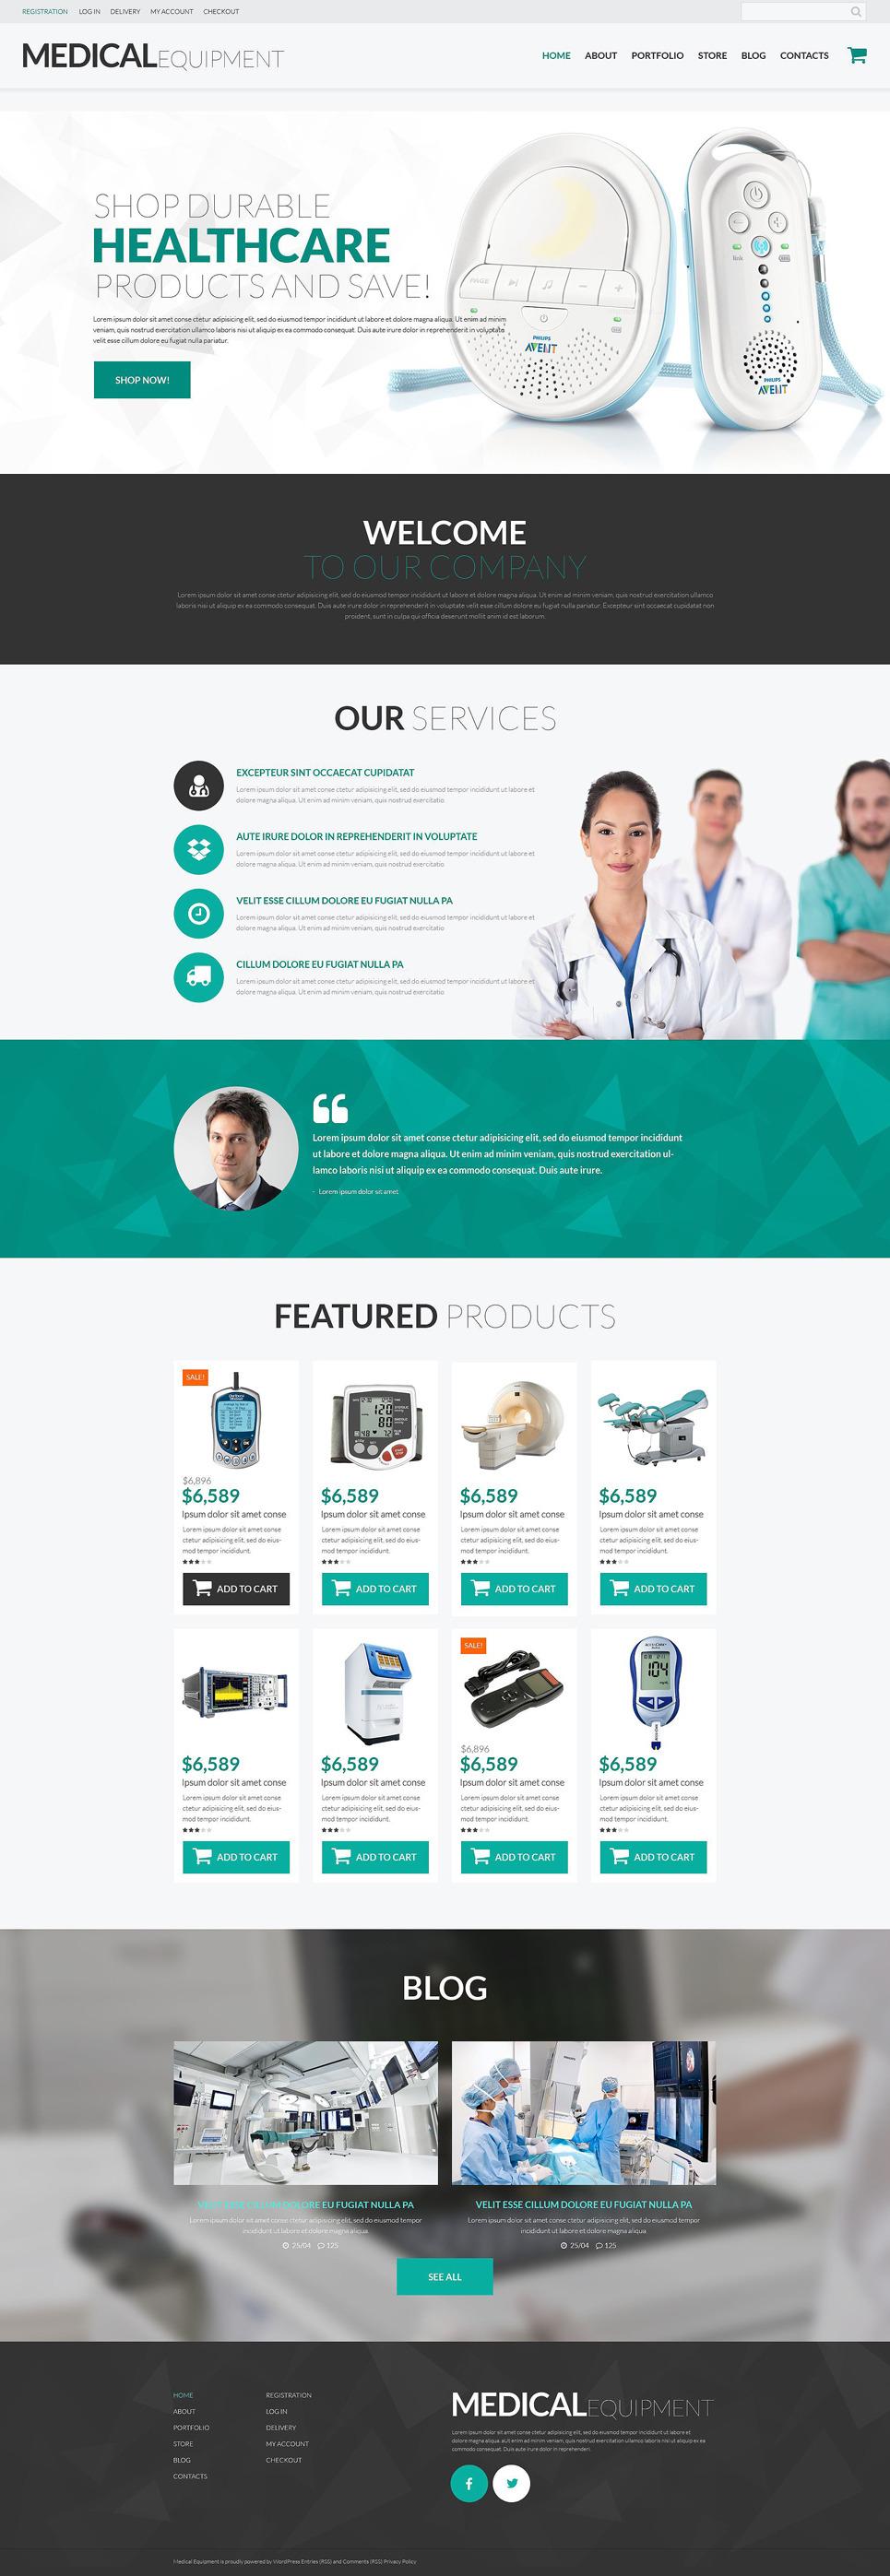 Medical Instruments WooCommerce Theme New Screenshots BIG